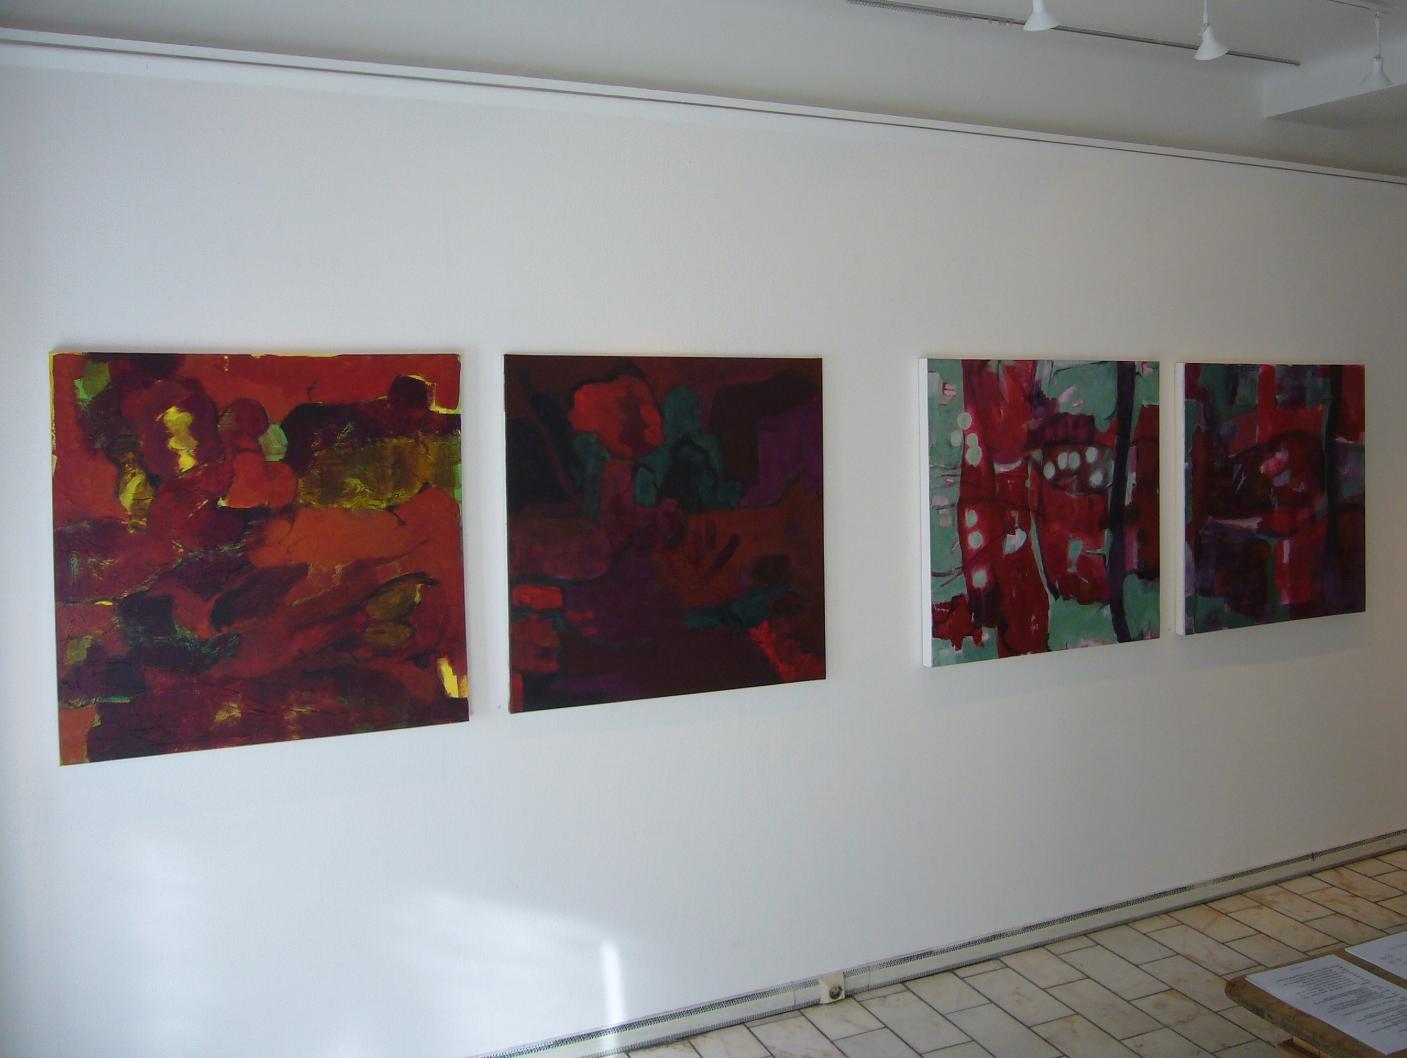 Albin Art, 6 - 18/3 2010